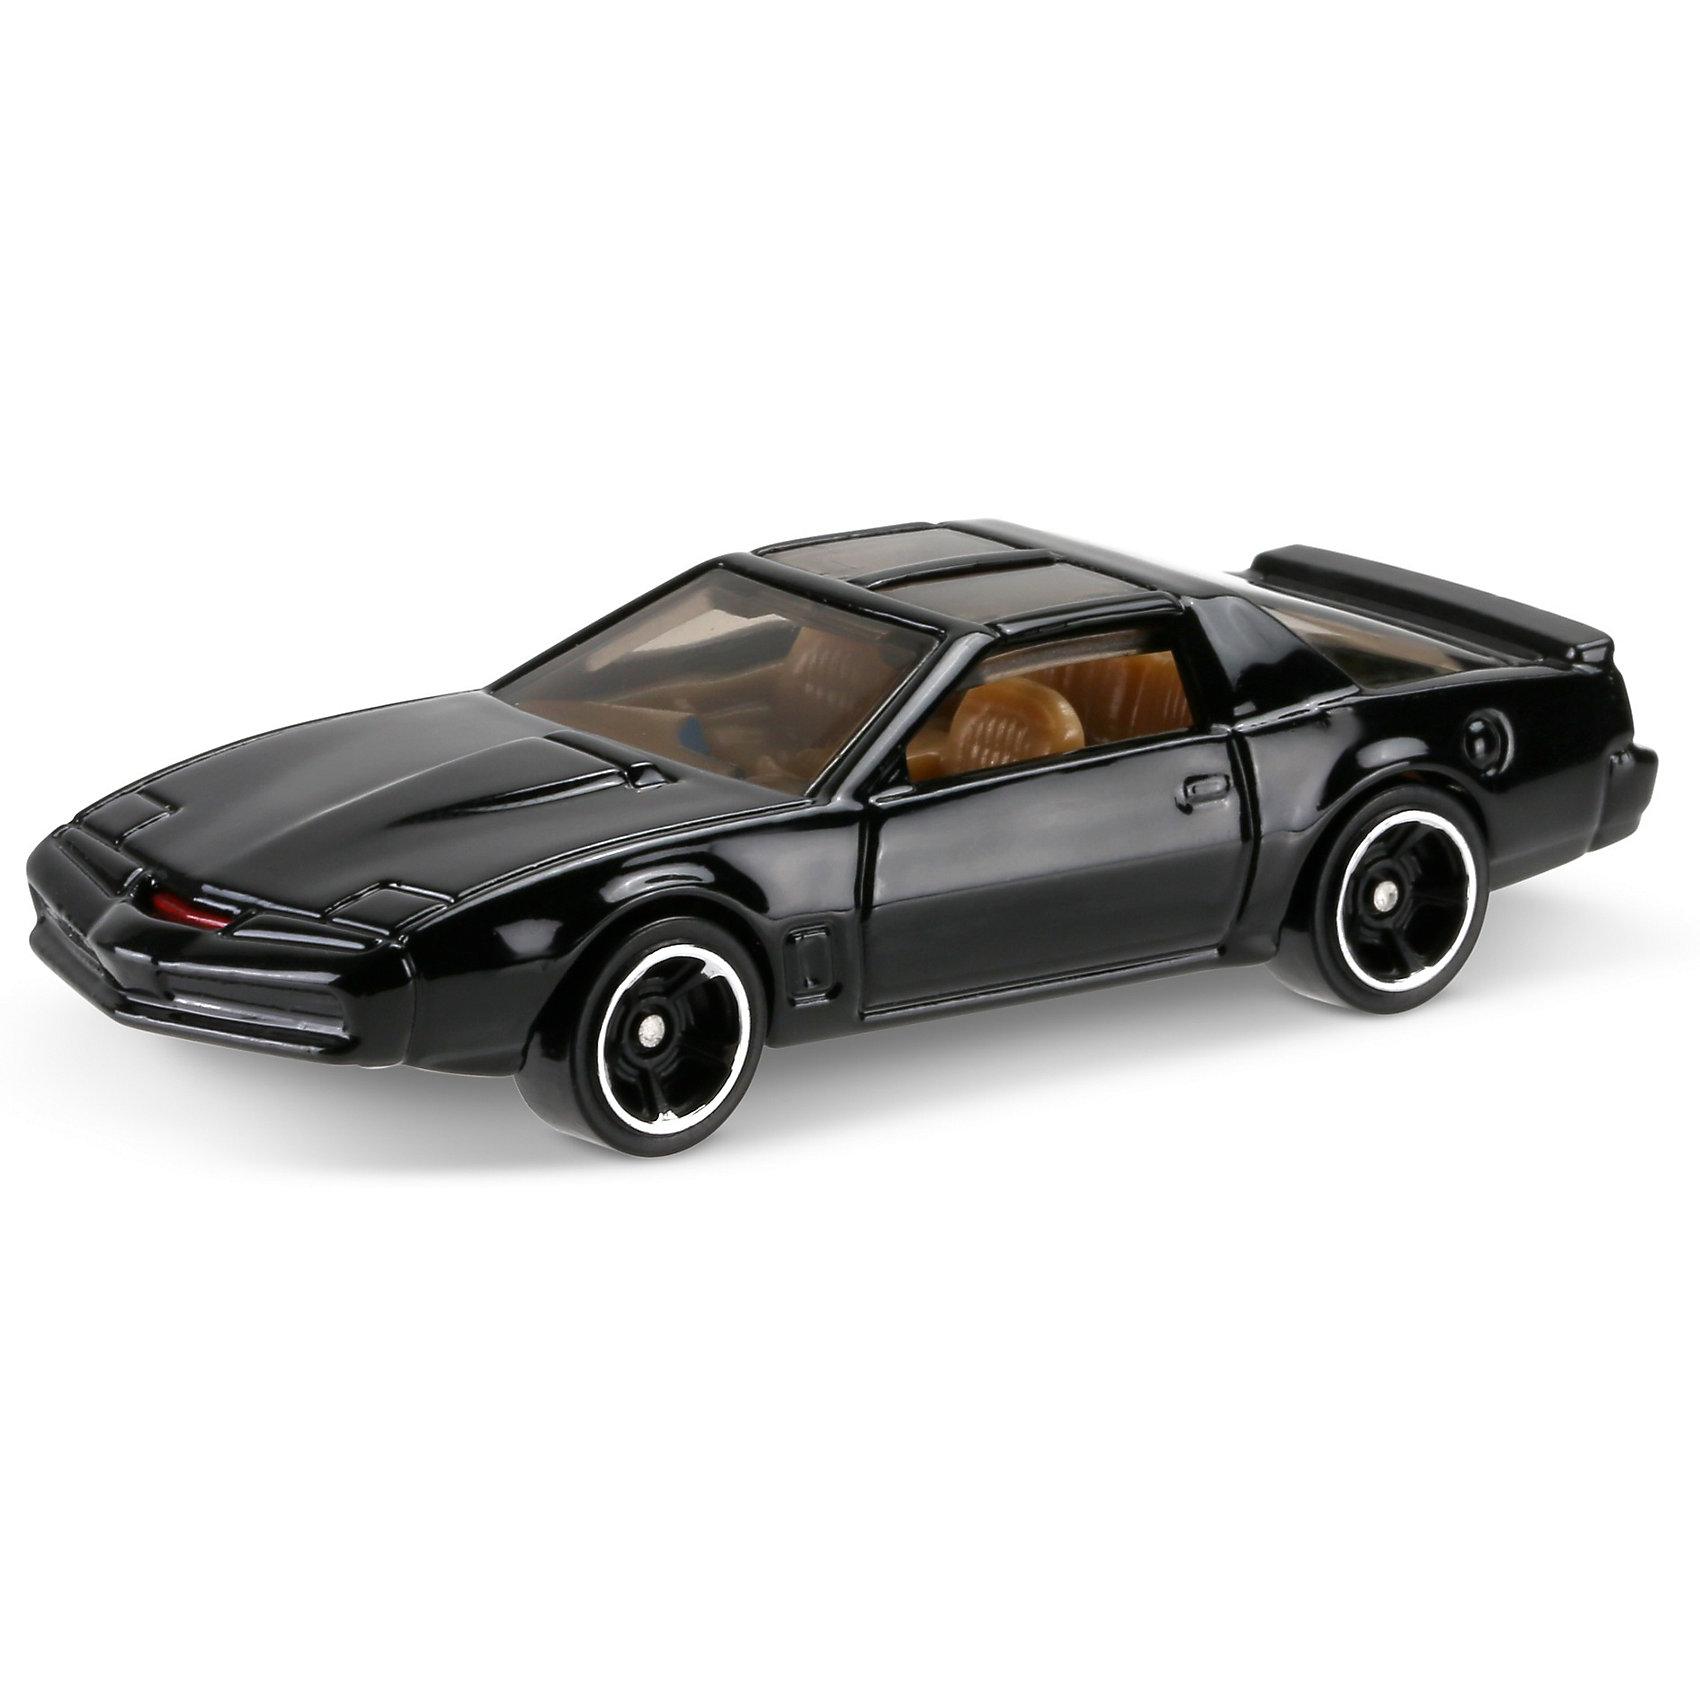 Mattel Машинка Hot Wheels из базовой коллекции mattel машинка hot wheels custom volkswagen hauler